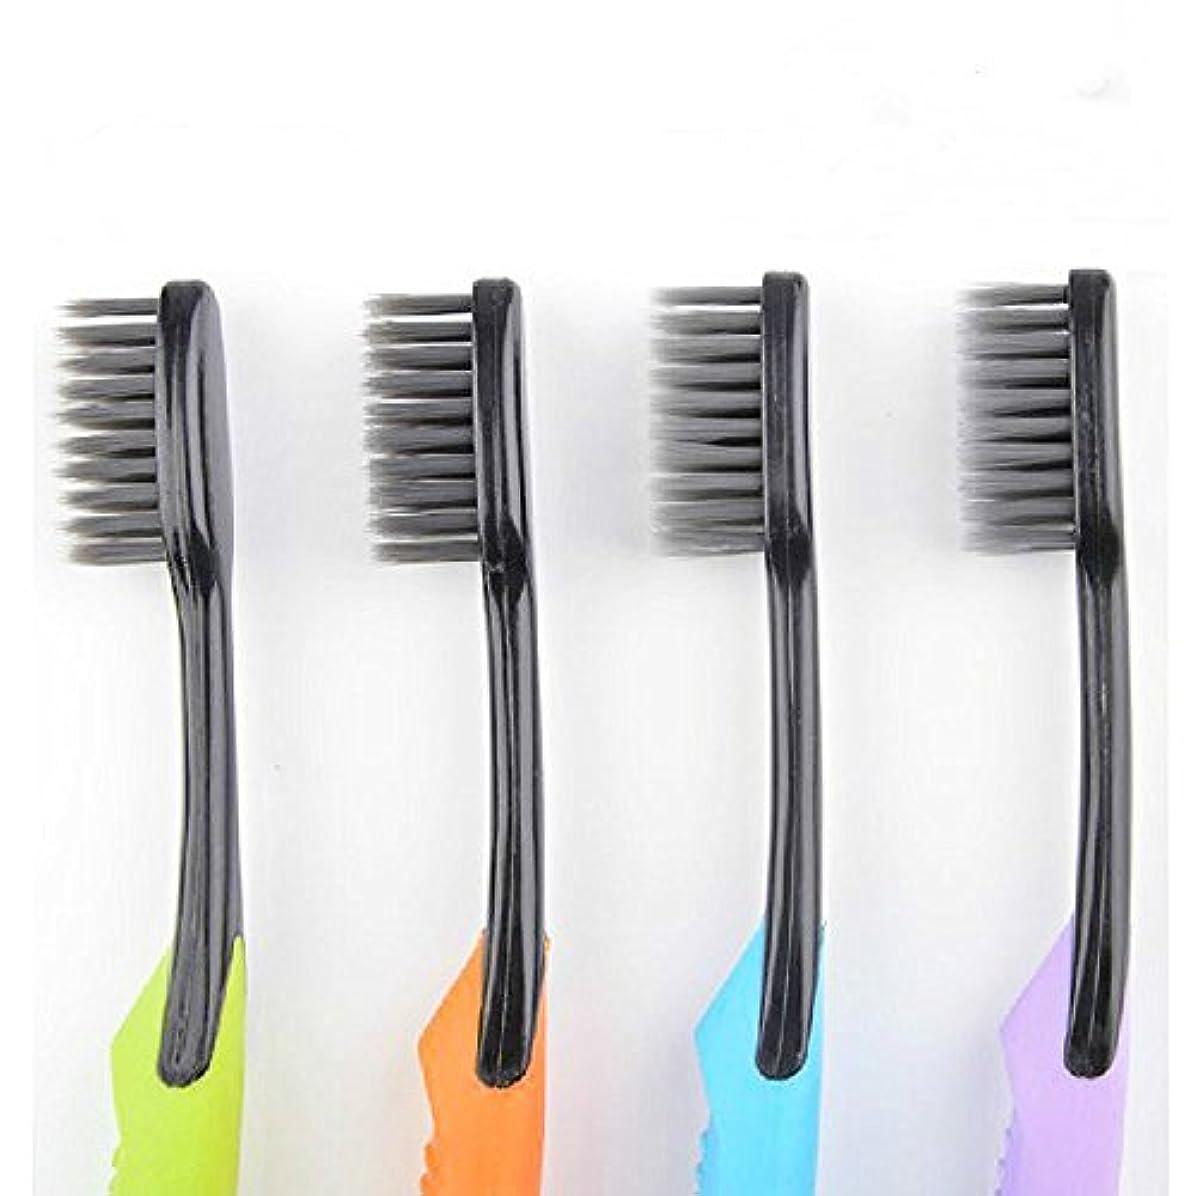 ブラウス進化する台風Cand Ultra Soft Adult Toothbrush, Bamboo Charcoal Bristle, Pack of 4 by Cand